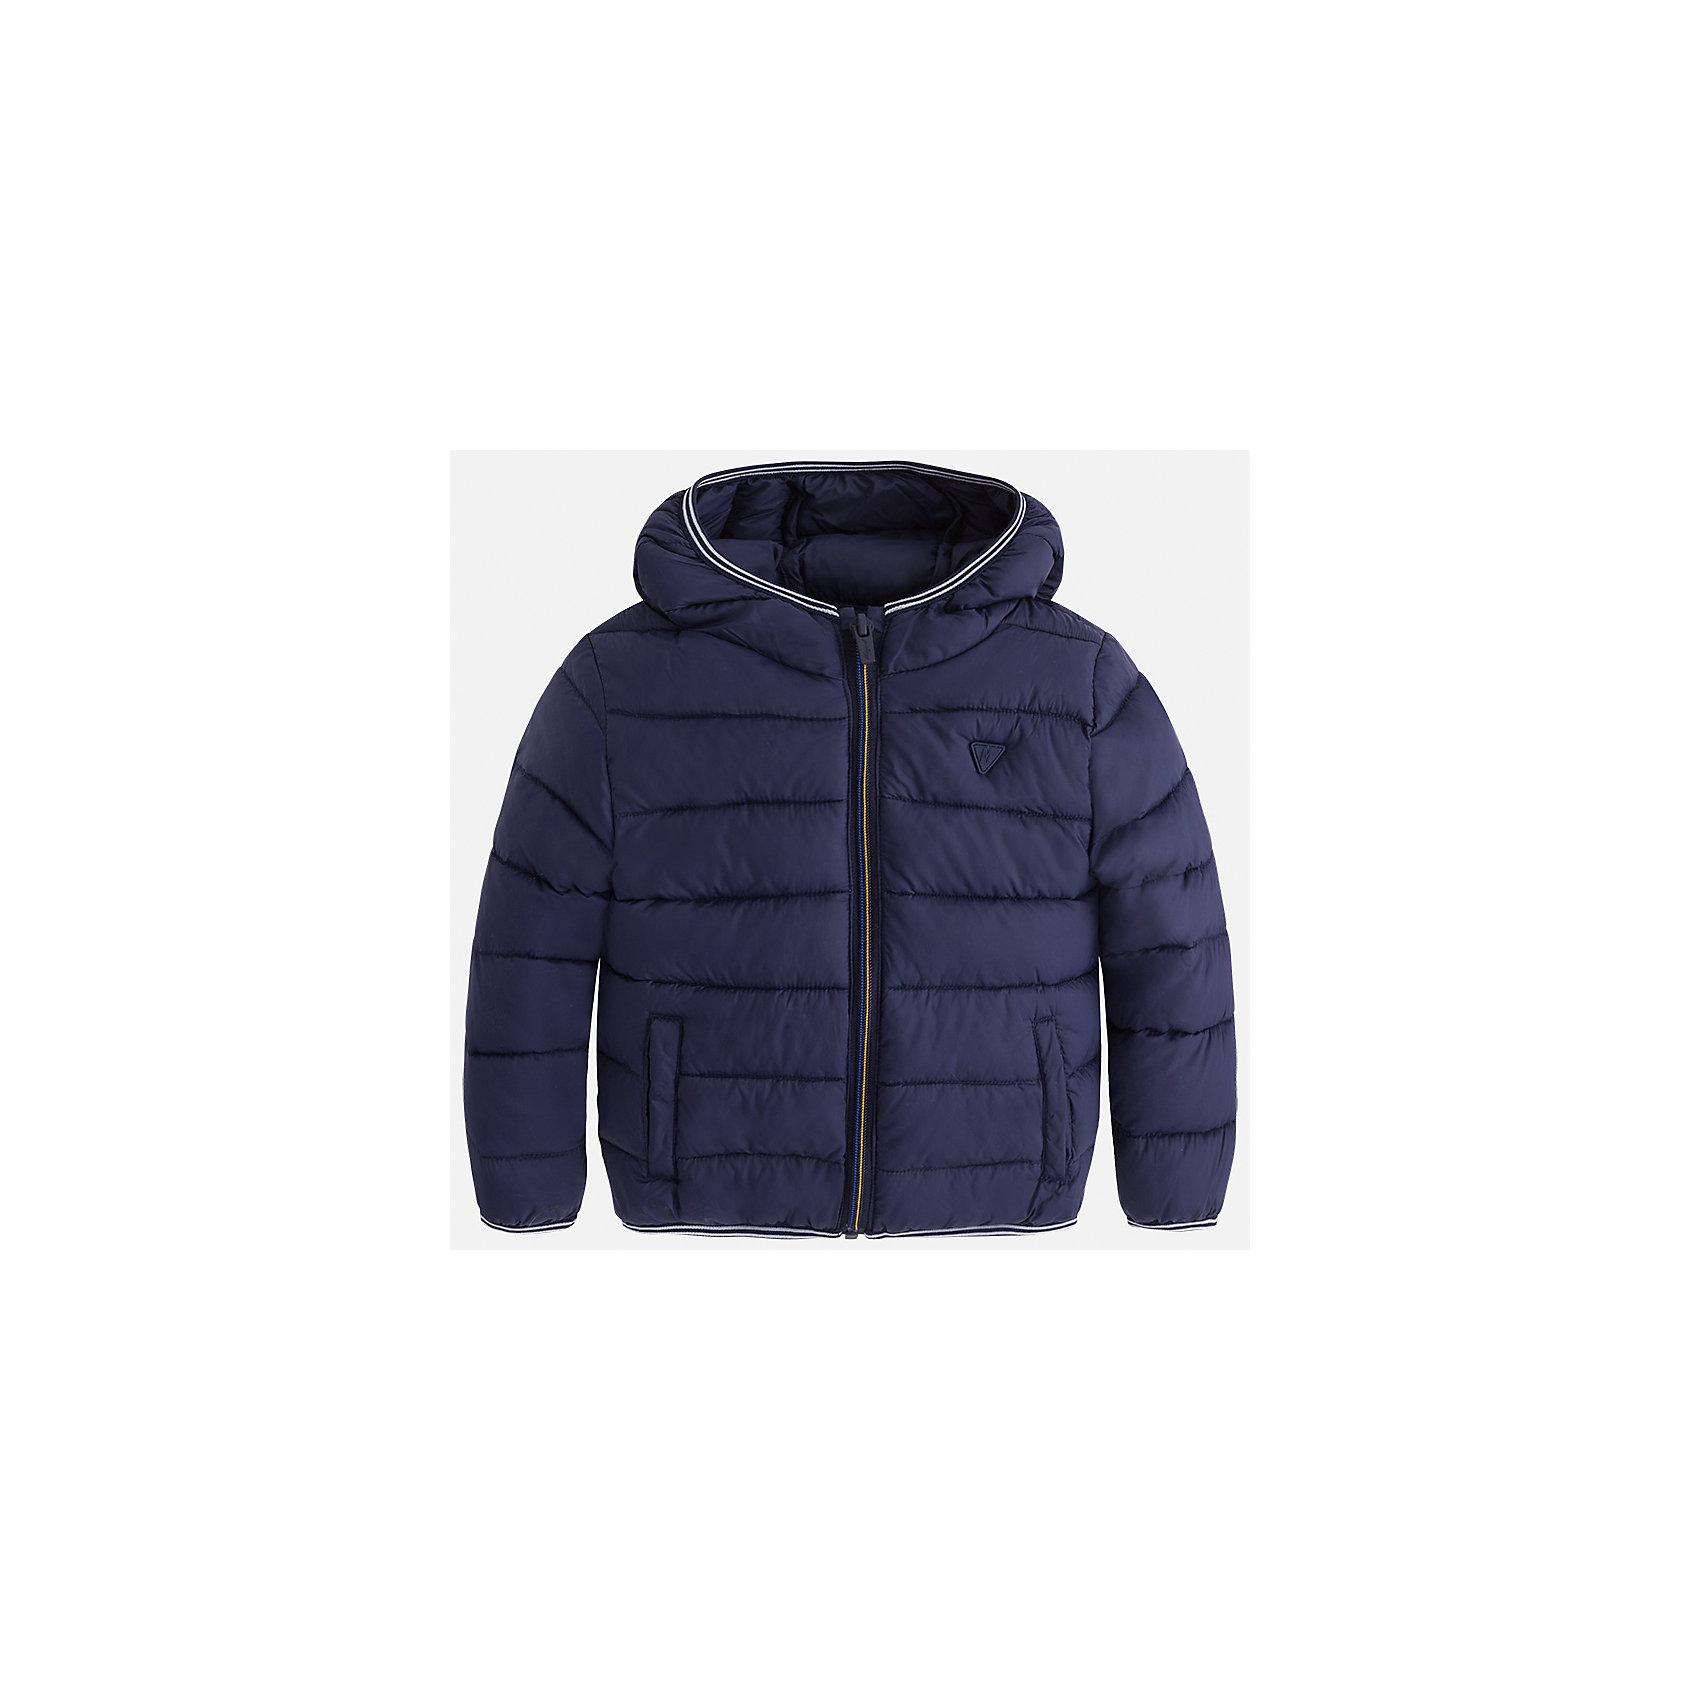 Куртка для мальчика MayoralВерхняя одежда<br>Характеристики товара:<br><br>• цвет: синий<br>• состав ткани: 100% полиамид<br>• подкладка: 100% полиамид<br>• утеплитель: 100% полиэстер<br>• сезон: демисезон<br>• температурный режим: от -10 до +10<br>• особенности модели: с капюшоном, сумка в комплекте<br>• капюшон: несъемный<br>• застежка: молния<br>• страна бренда: Испания<br>• страна изготовитель: Индия<br><br>Демисезонная детская куртка подойдет для переменной погоды. Отличный способ обеспечить ребенку тепло и комфорт - надеть теплую куртку от Mayoral. Детская куртка сшита из приятного на ощупь материала. Куртка для мальчика Mayoral дополнена теплой подкладкой.<br><br>Куртку для мальчика Mayoral (Майорал) можно купить в нашем интернет-магазине.<br><br>Ширина мм: 356<br>Глубина мм: 10<br>Высота мм: 245<br>Вес г: 519<br>Цвет: синий<br>Возраст от месяцев: 96<br>Возраст до месяцев: 108<br>Пол: Мужской<br>Возраст: Детский<br>Размер: 134,104,110,116,122,128<br>SKU: 6934841